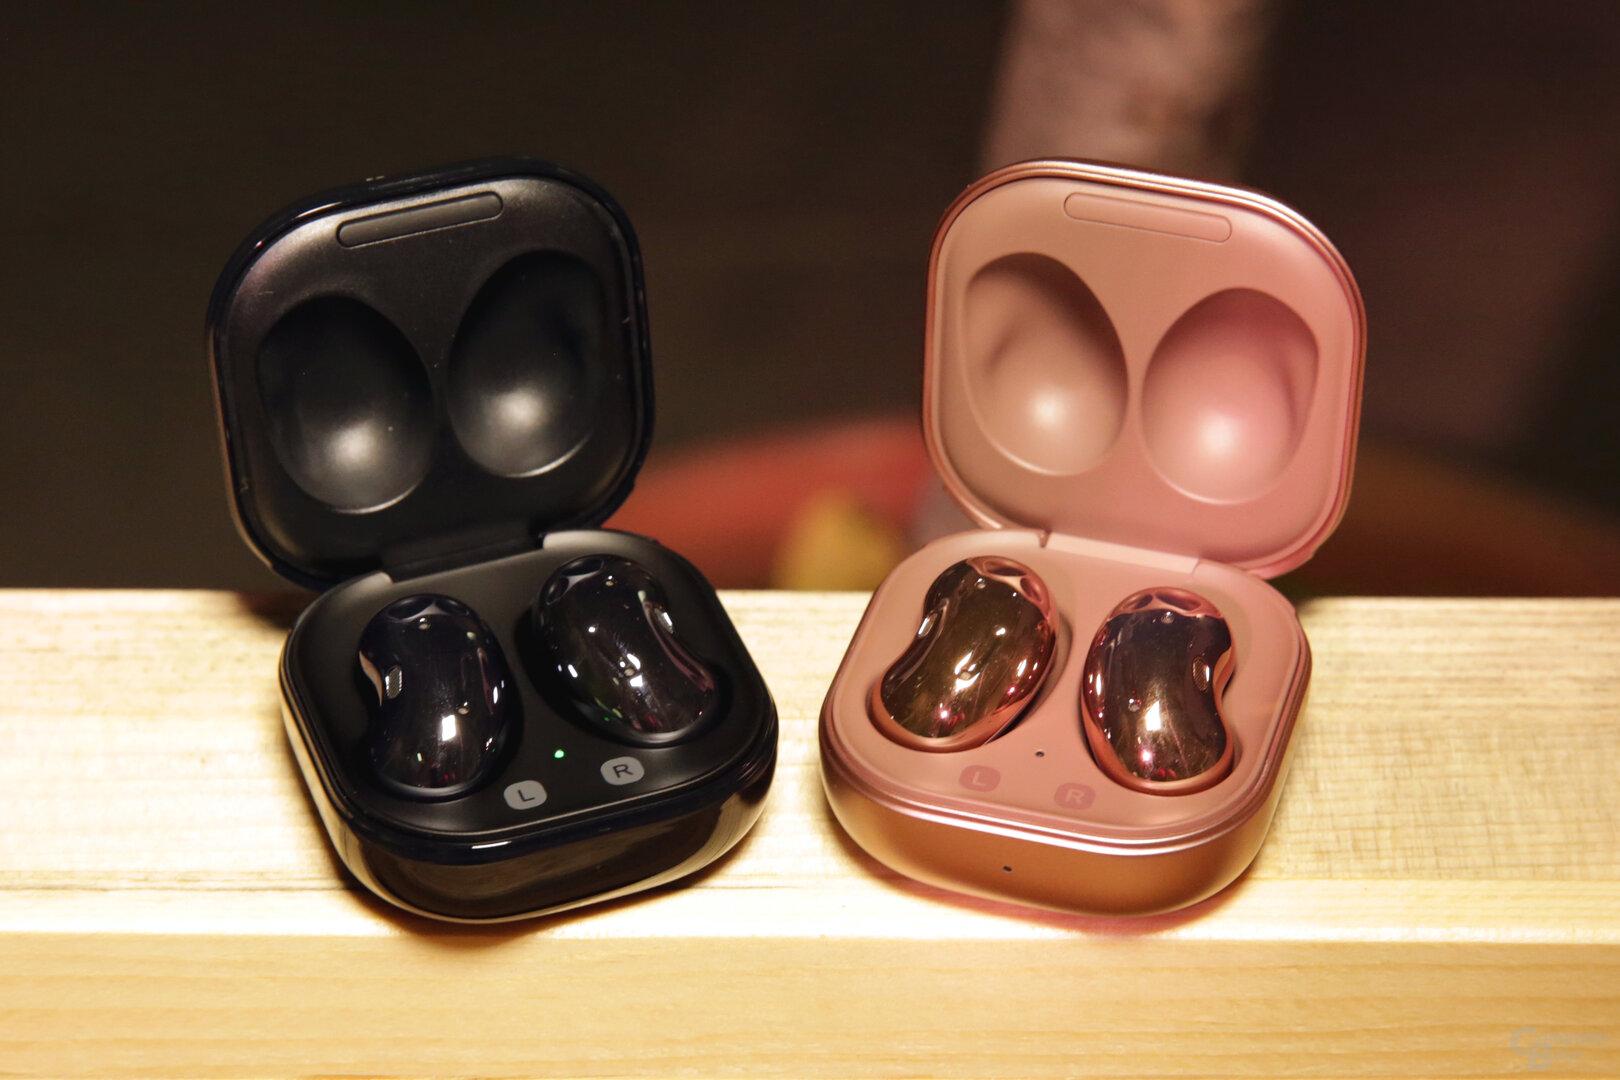 Die In-Ear-Kopfhörer kommen in Schwarz oder Bronze